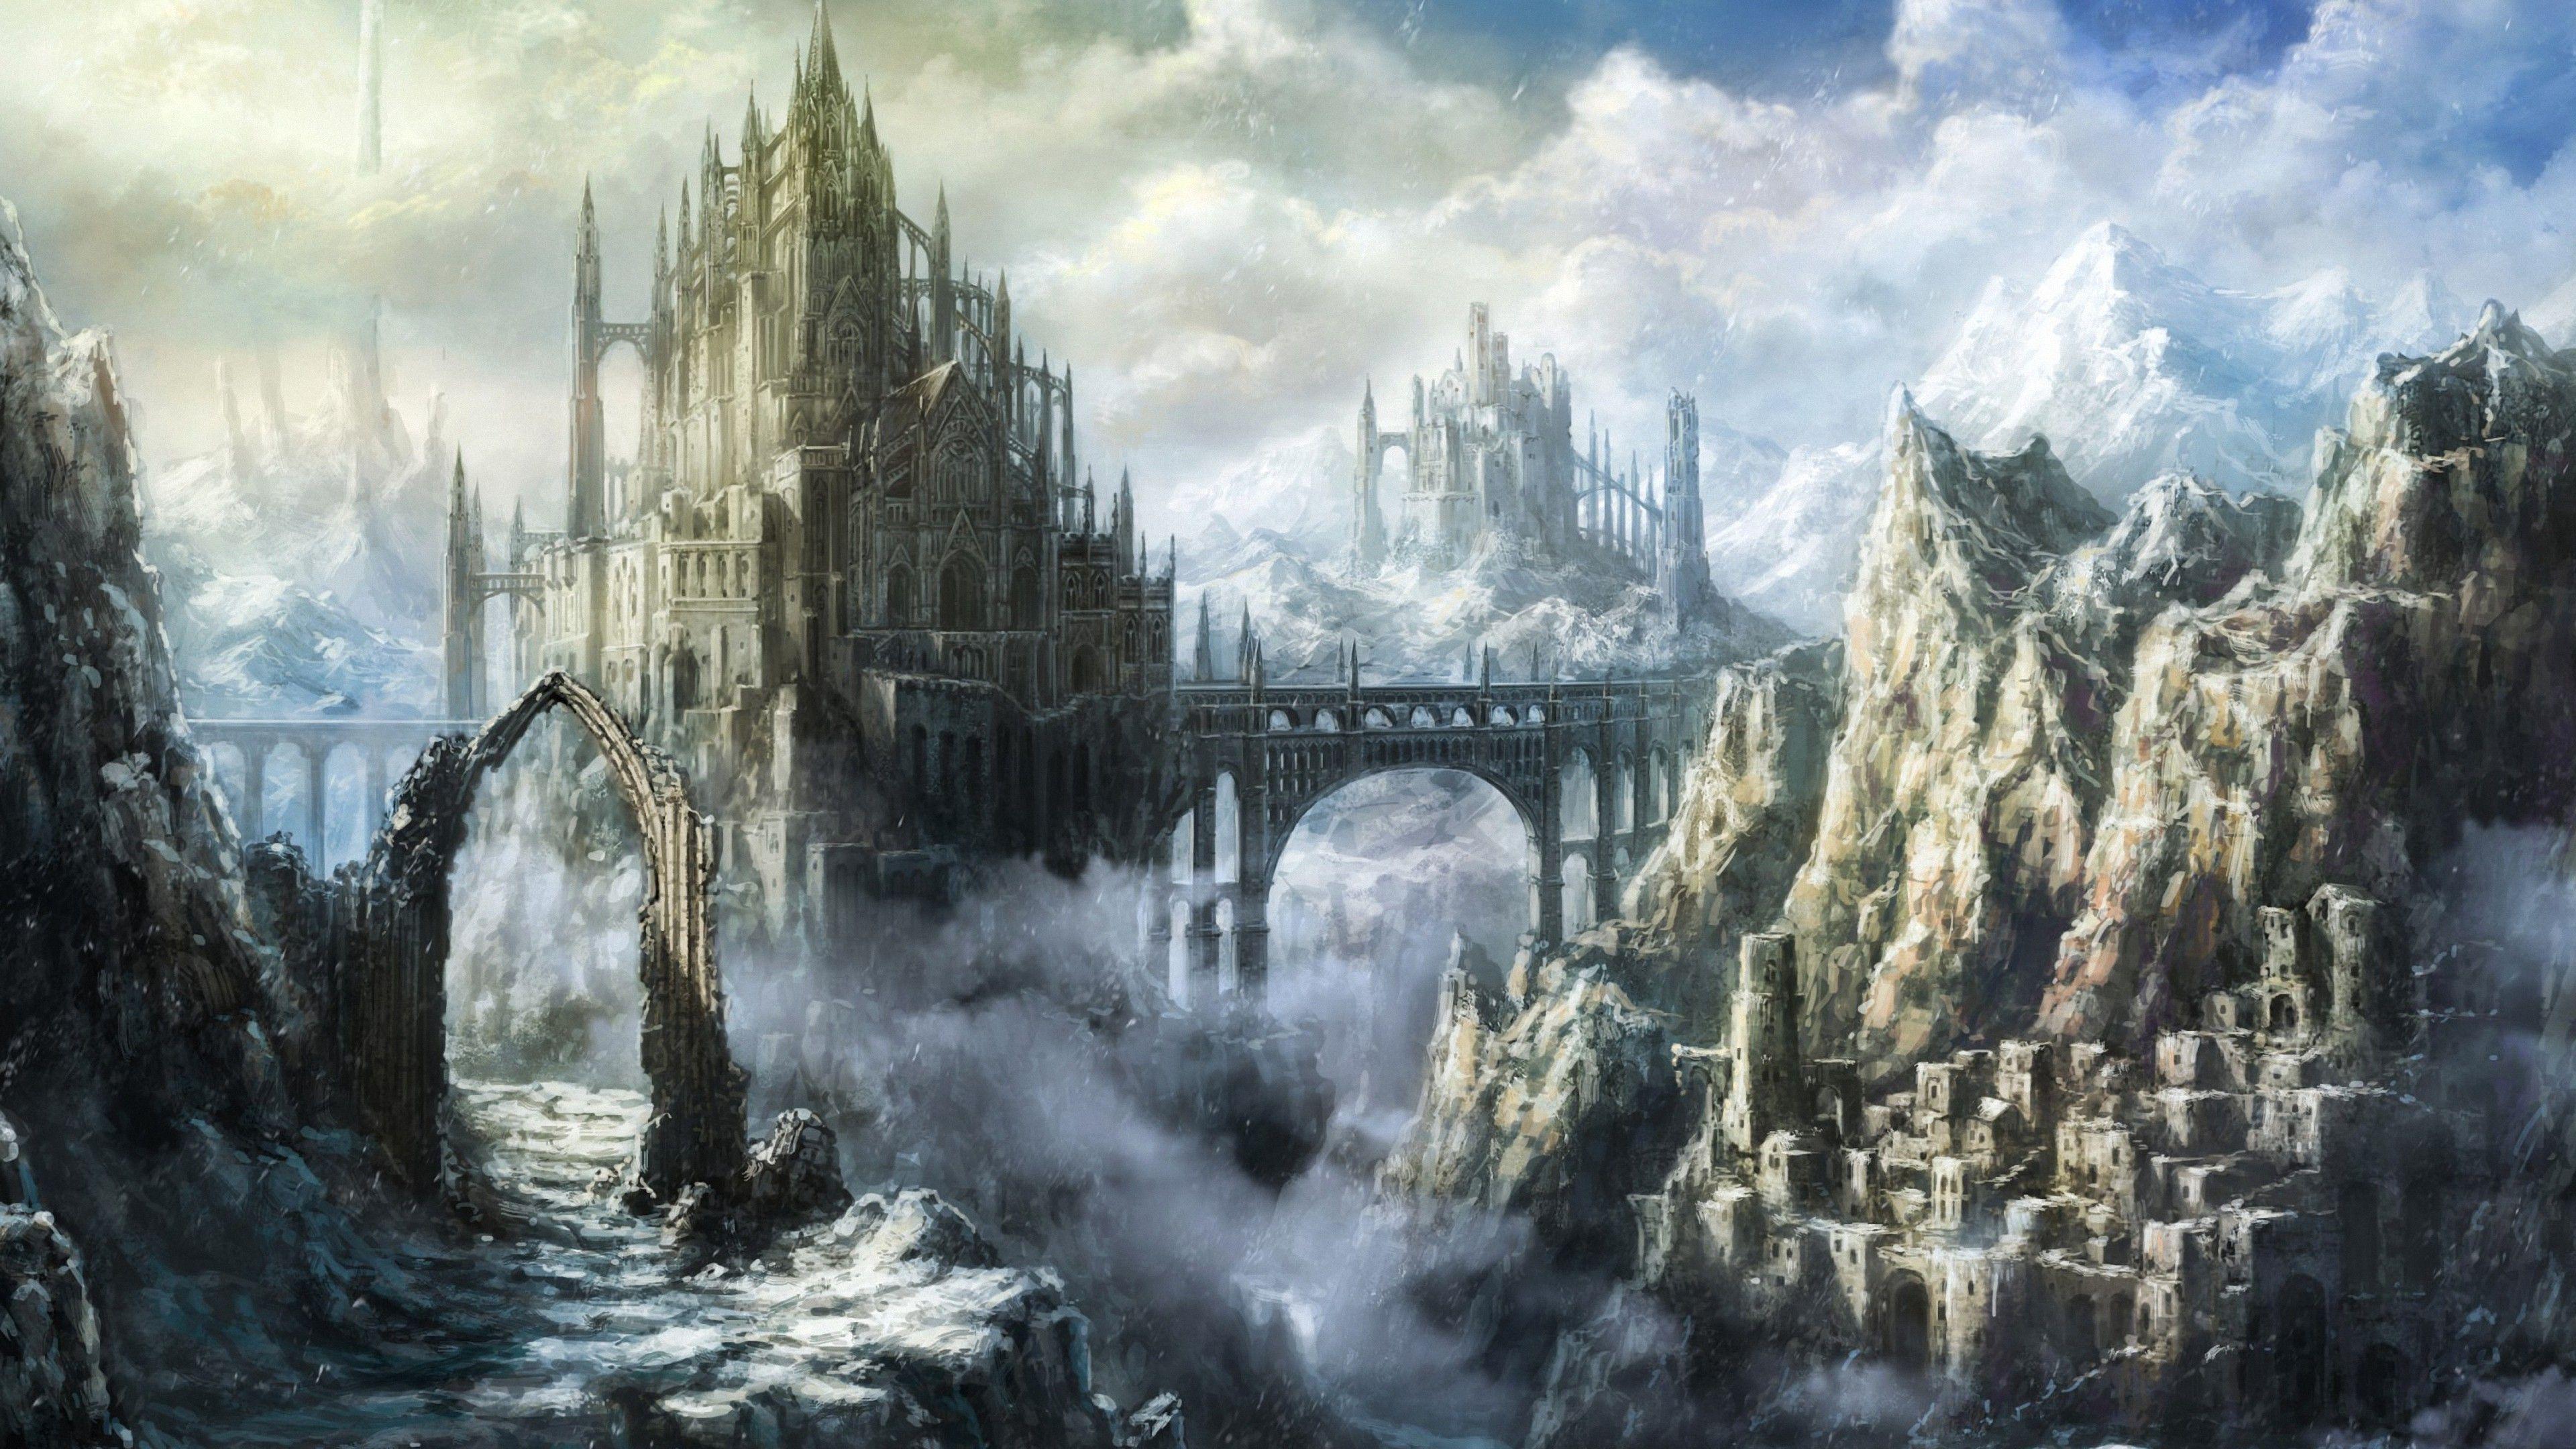 3840x2160 Fantasy Castle Fortress 4k Ultra Hd Wallpapers Fantasy Landscape Fantasy Art Landscapes Fantasy Castle